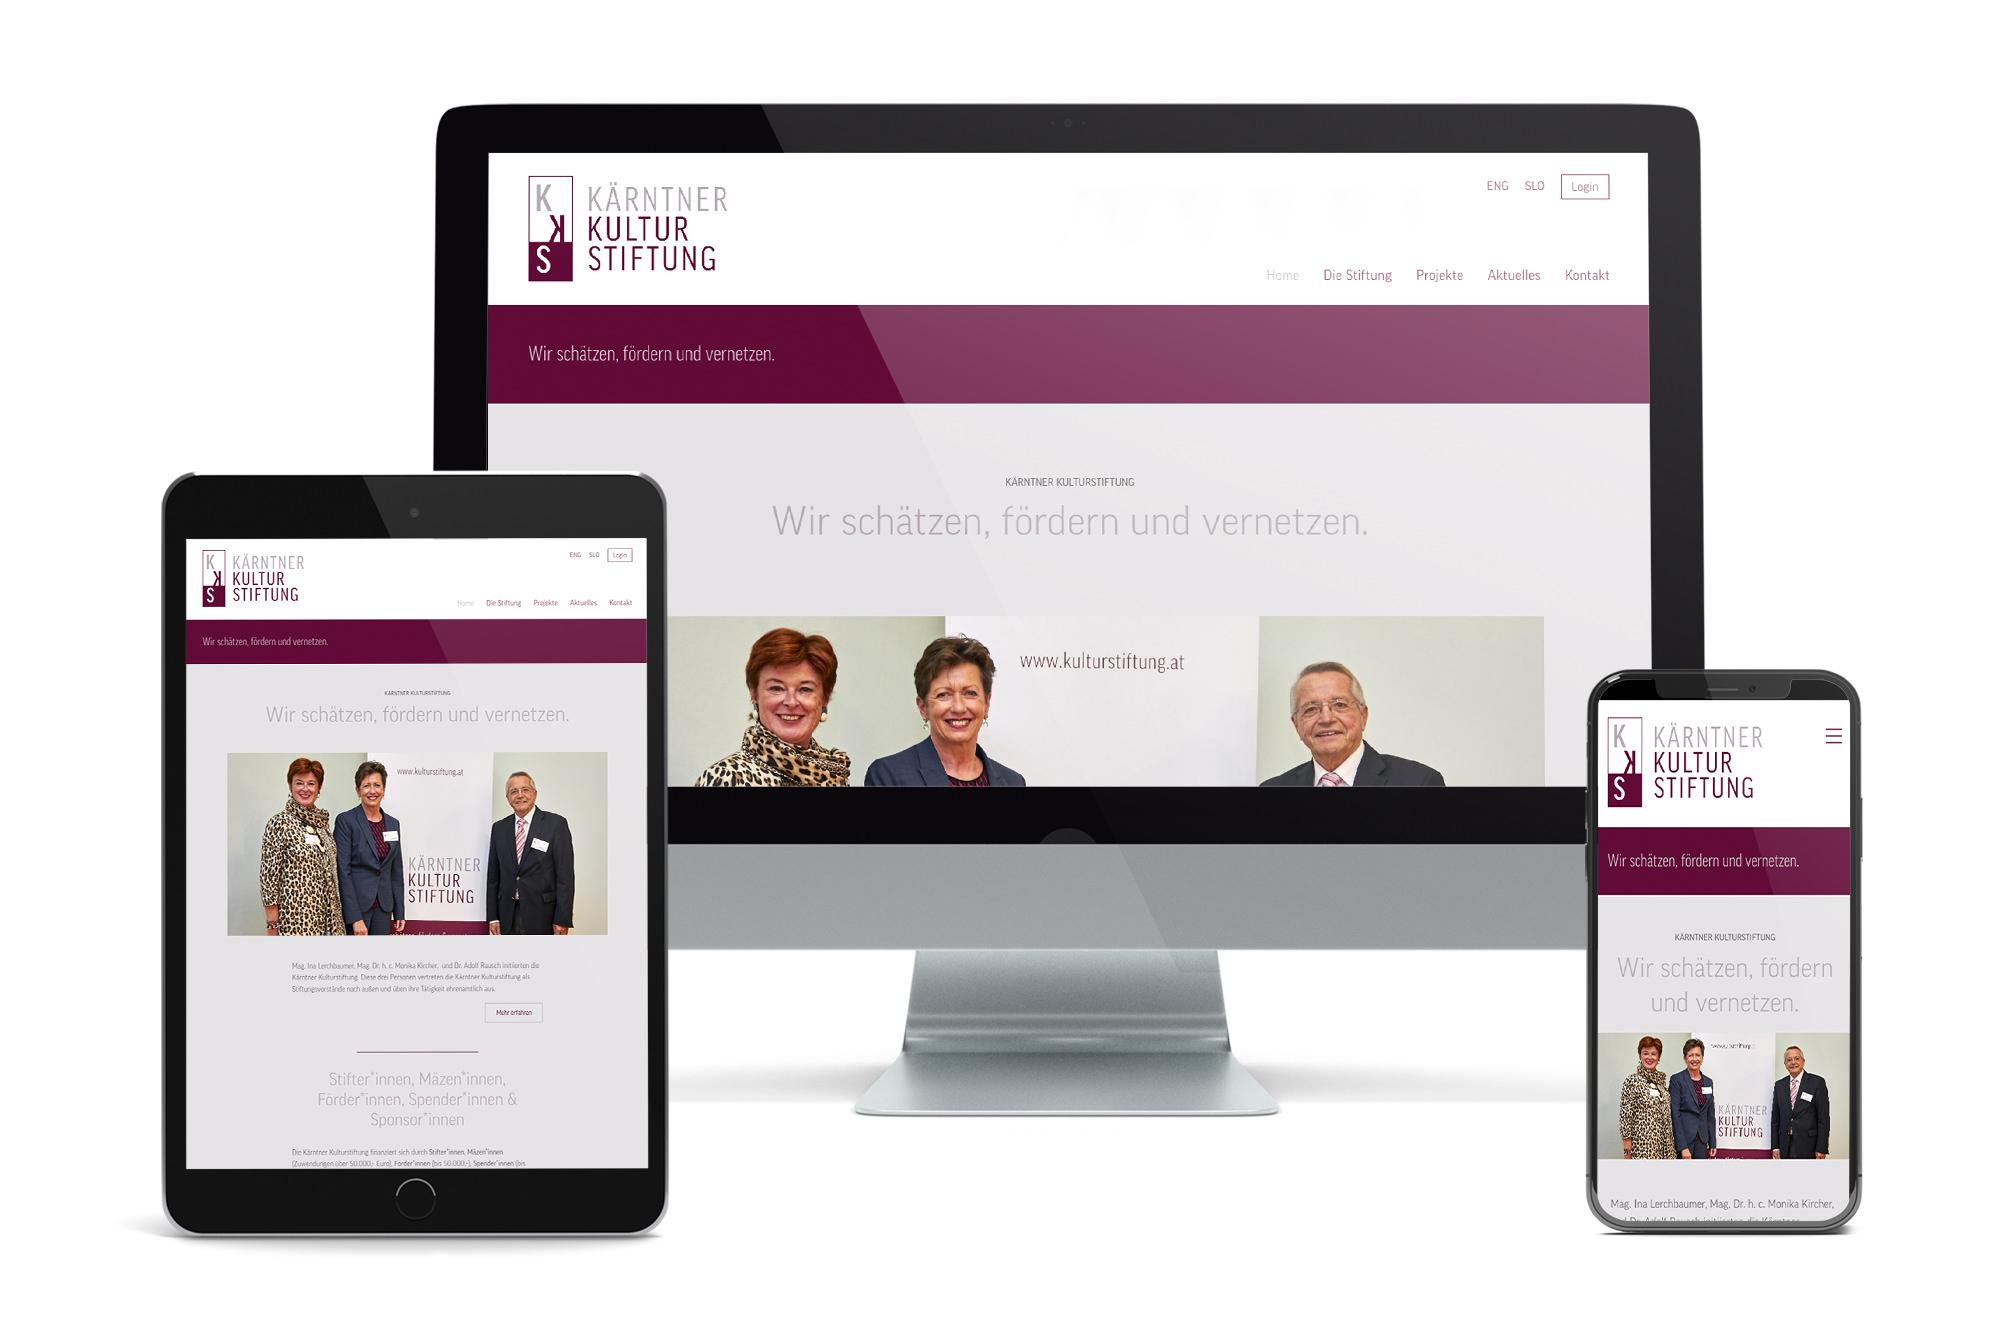 Webdesign Beispiel: Neue Website für Kulturstiftung